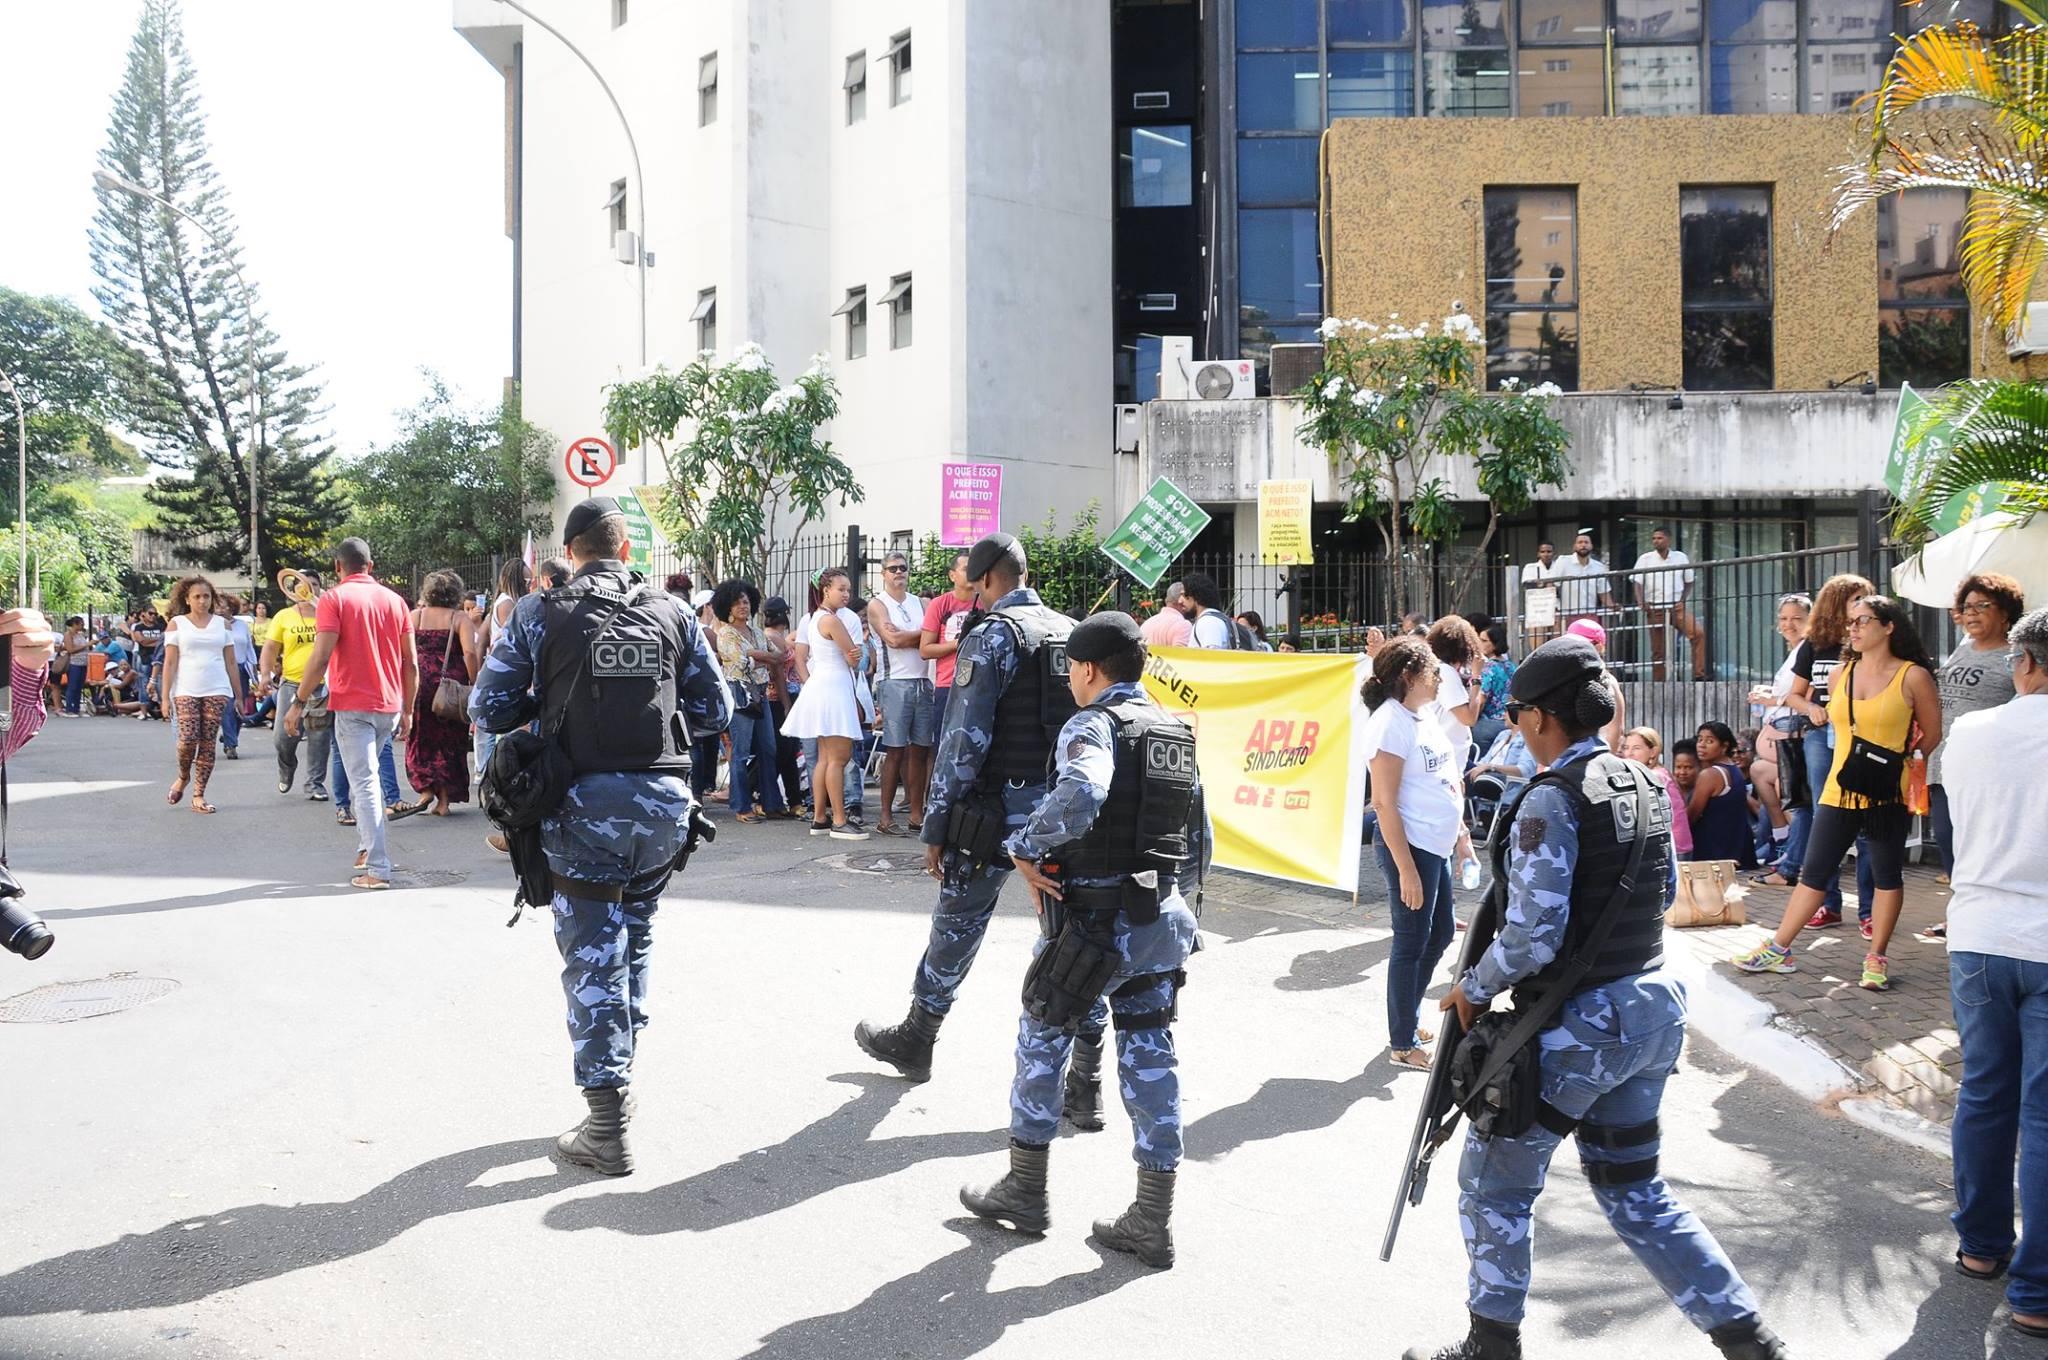 aplb sindicato greve professores salvador repressao